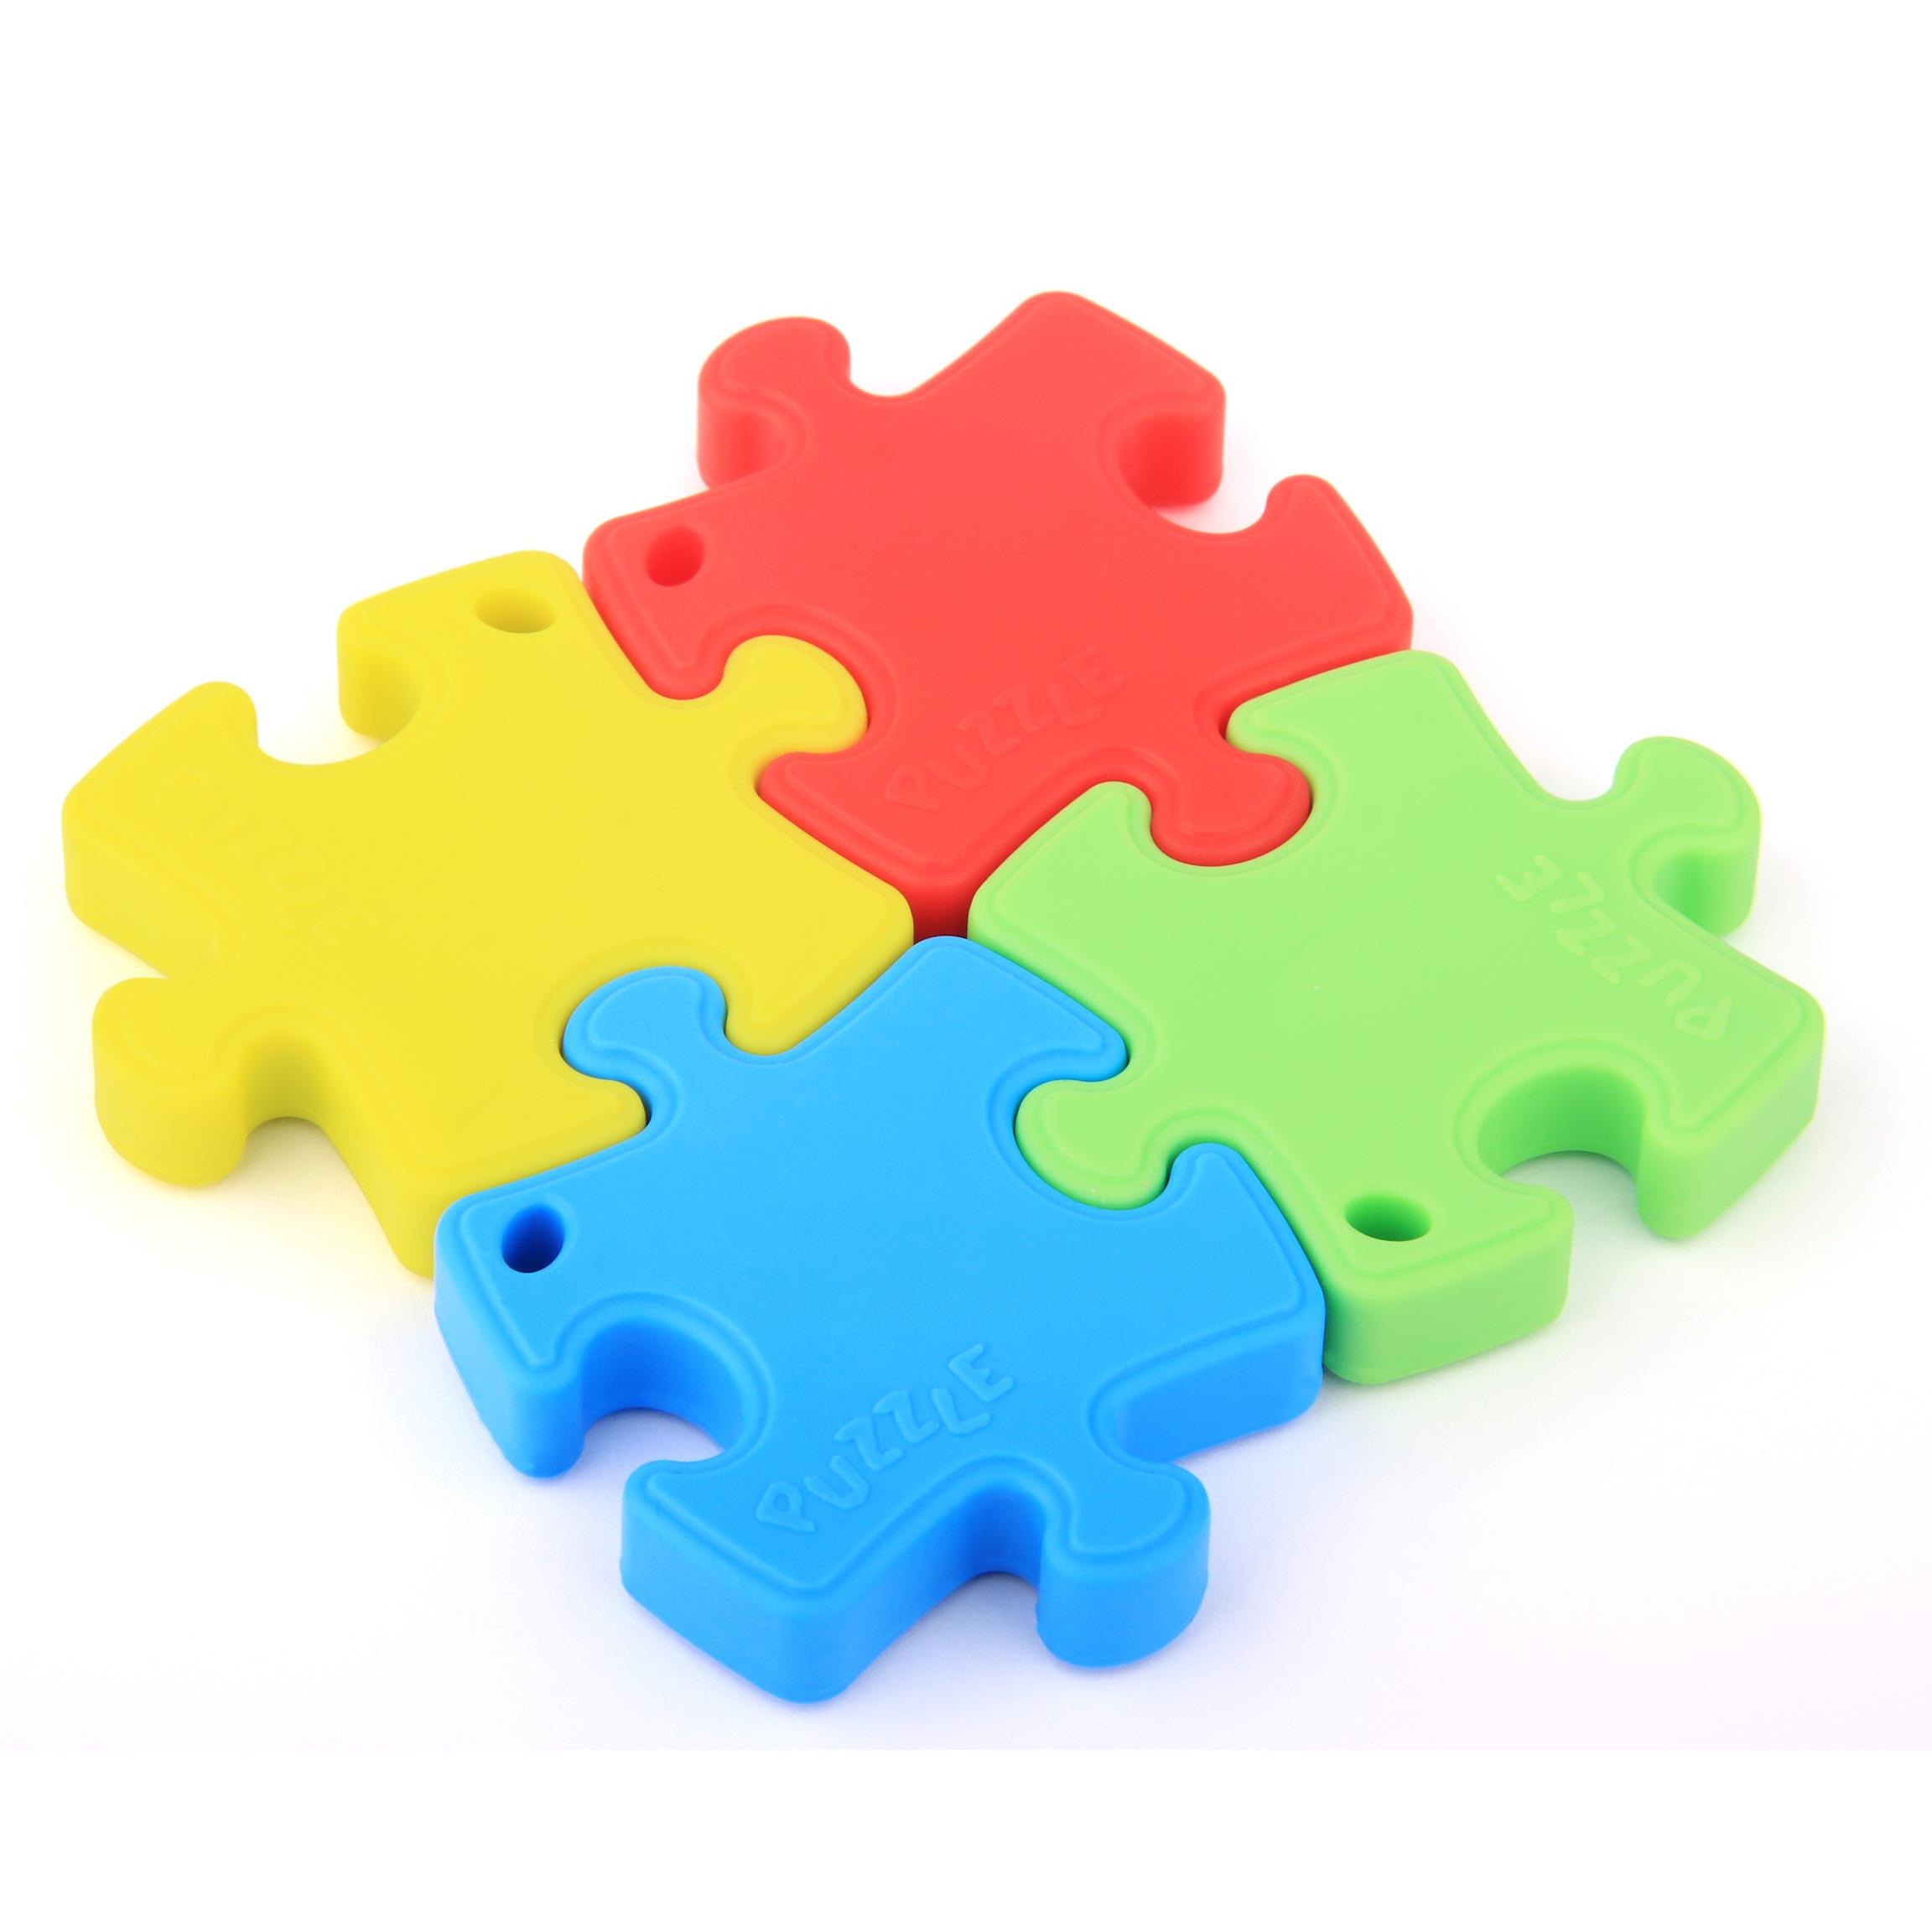 Best Teething Toys For Babies : Best teething toys for babies baby puzzle teether toy